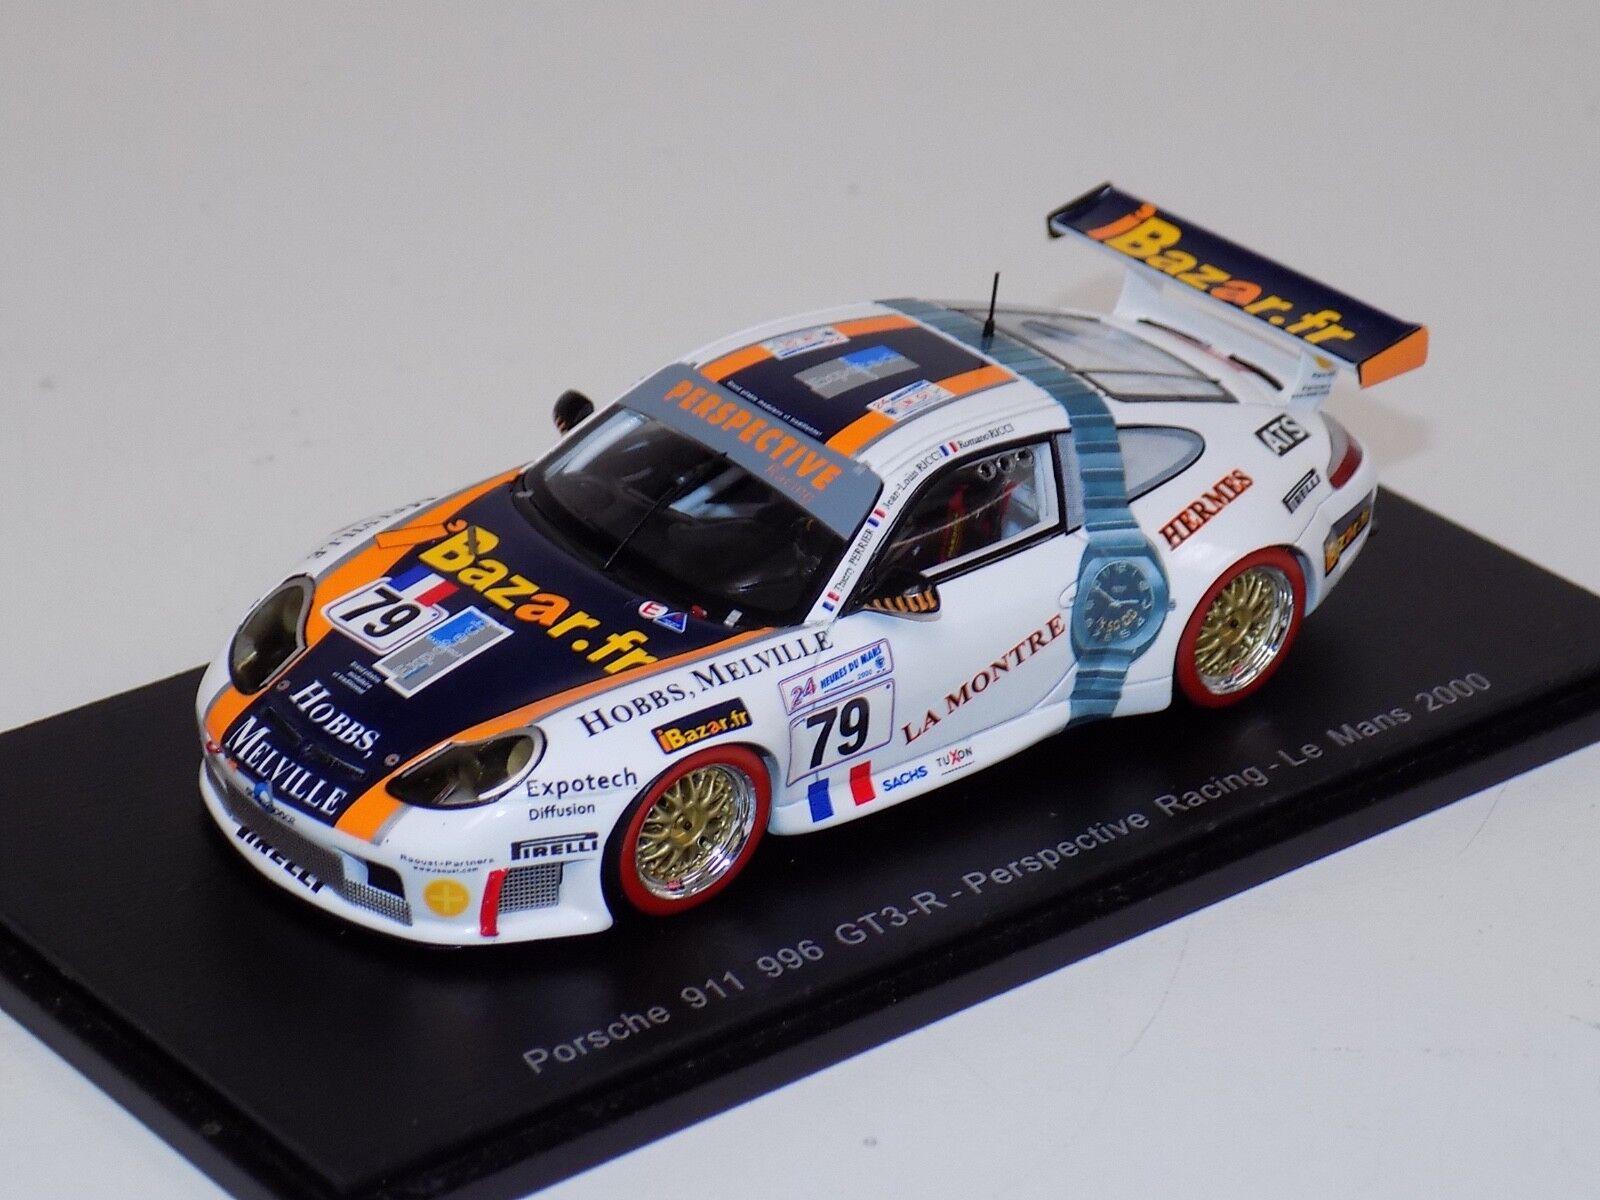 1/43 Spark Porsche 911 996 coche 79 2018 24 horas de LeMans S4759